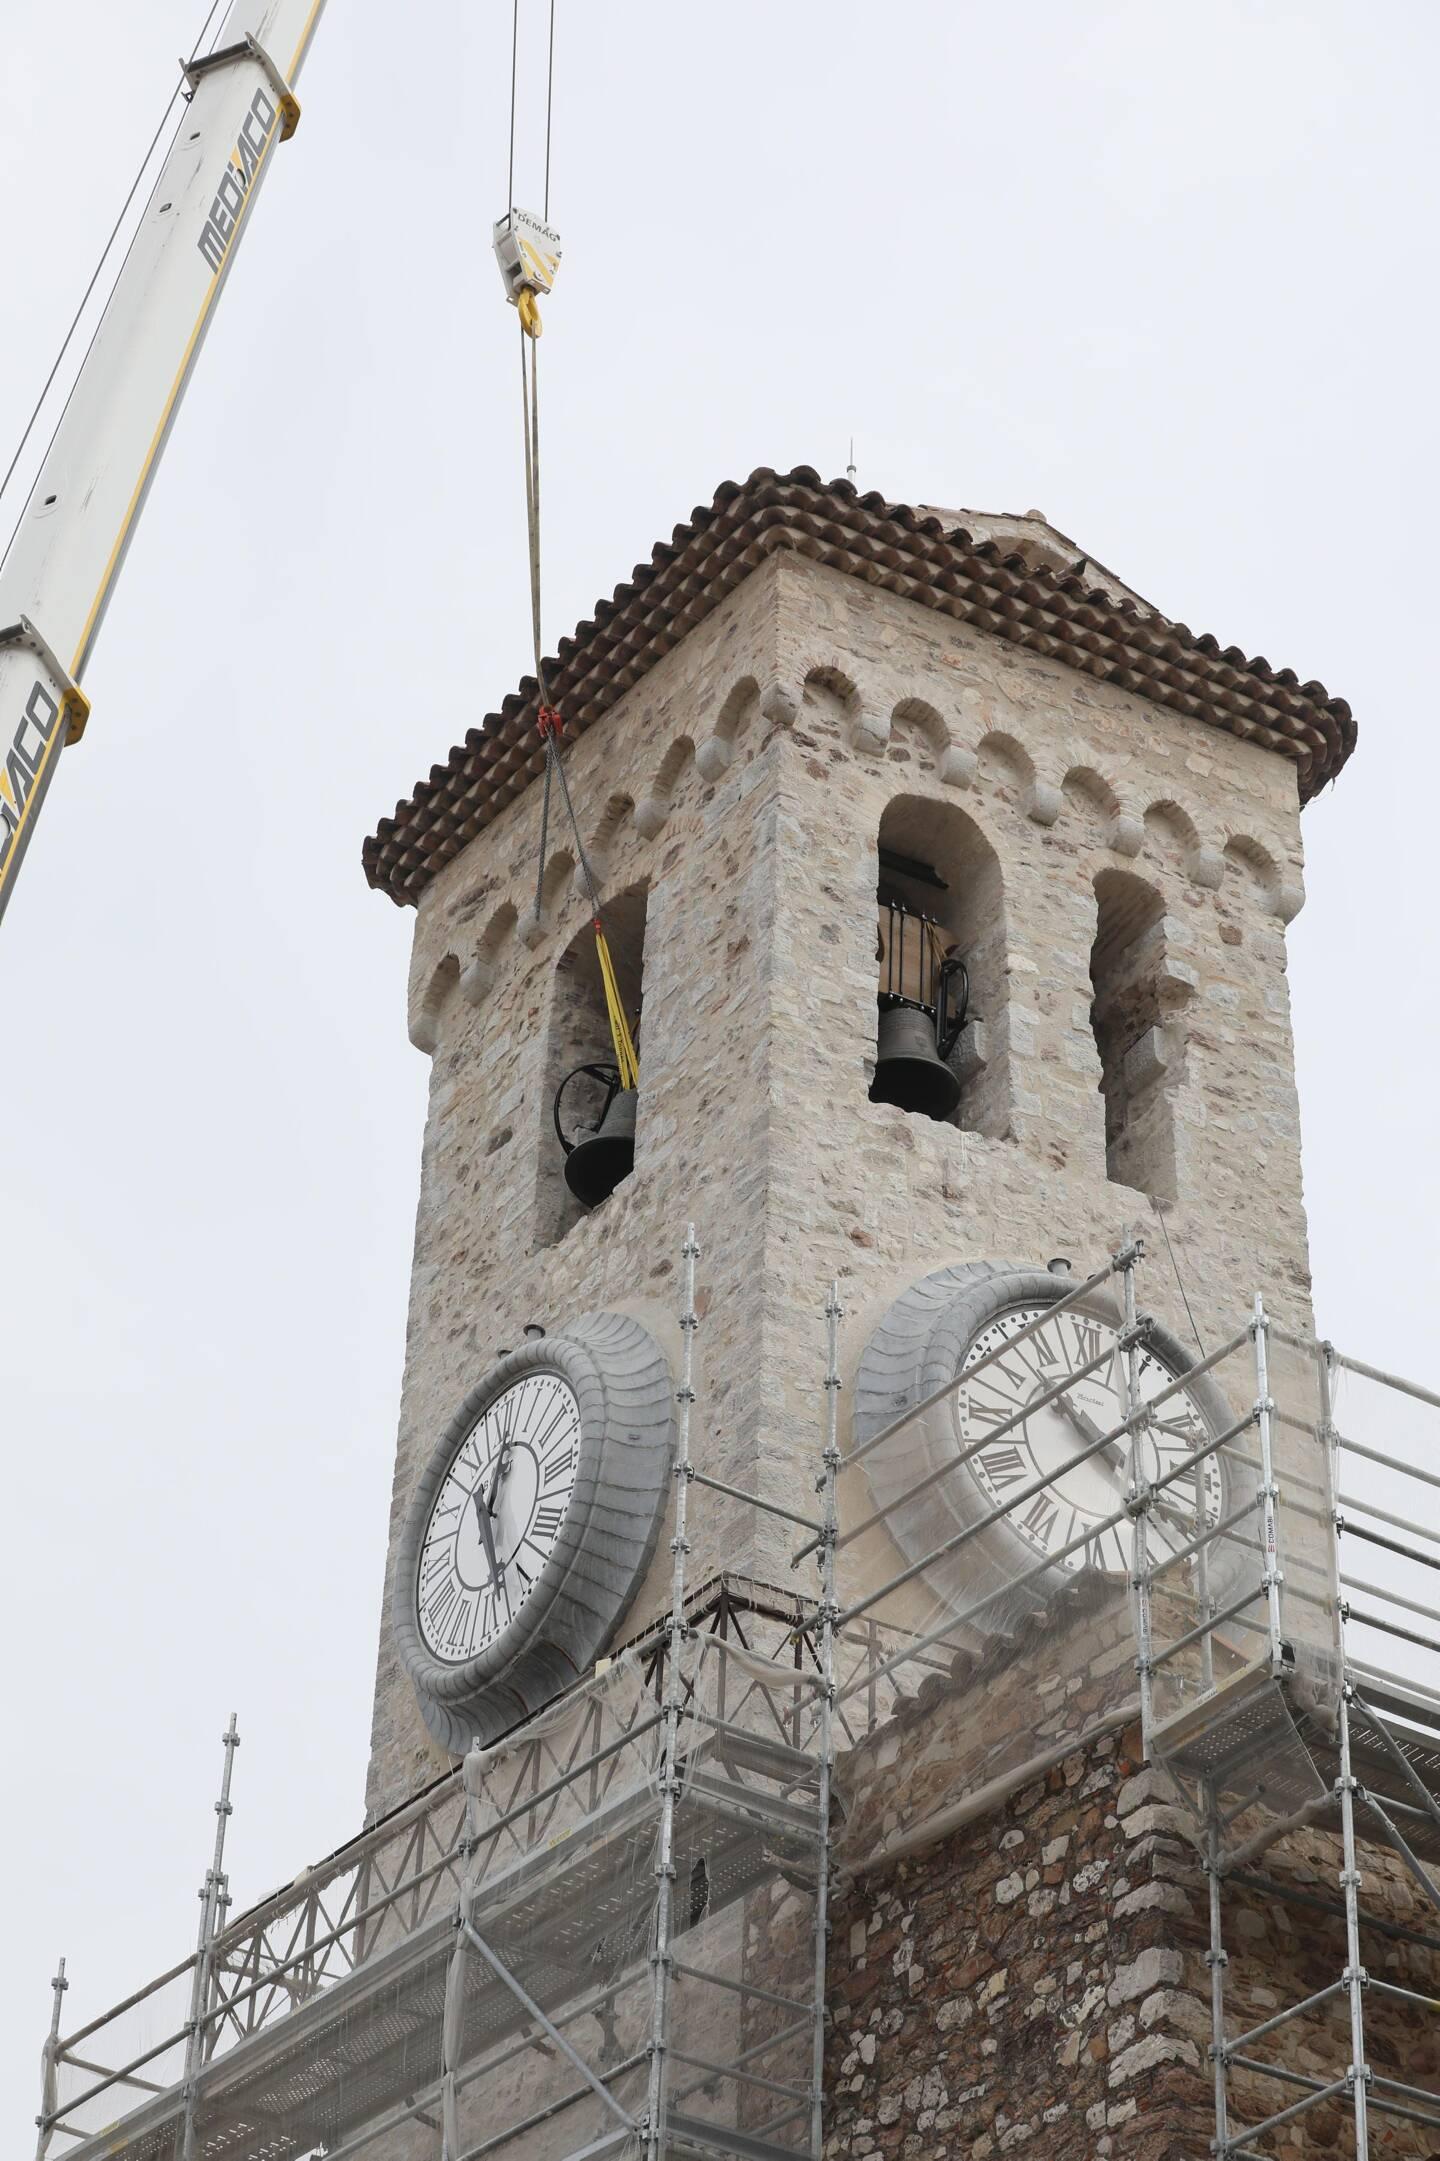 Après plusieurs mois de silence, elles ont retrouvé leur emplacement en l'église Notre Dame d'Espérance: les cloches du Suquet vont à nouveau sonner demain pour la messe pascale.